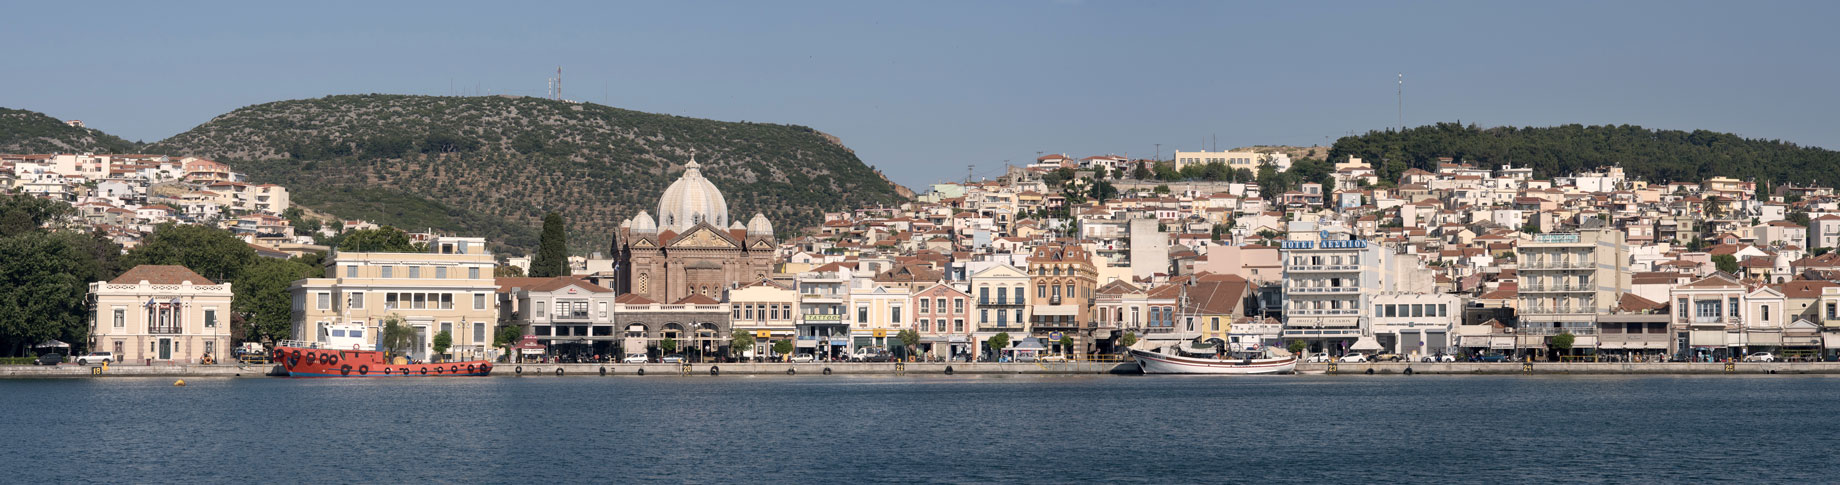 Mitilene sull'isola di Lesbo